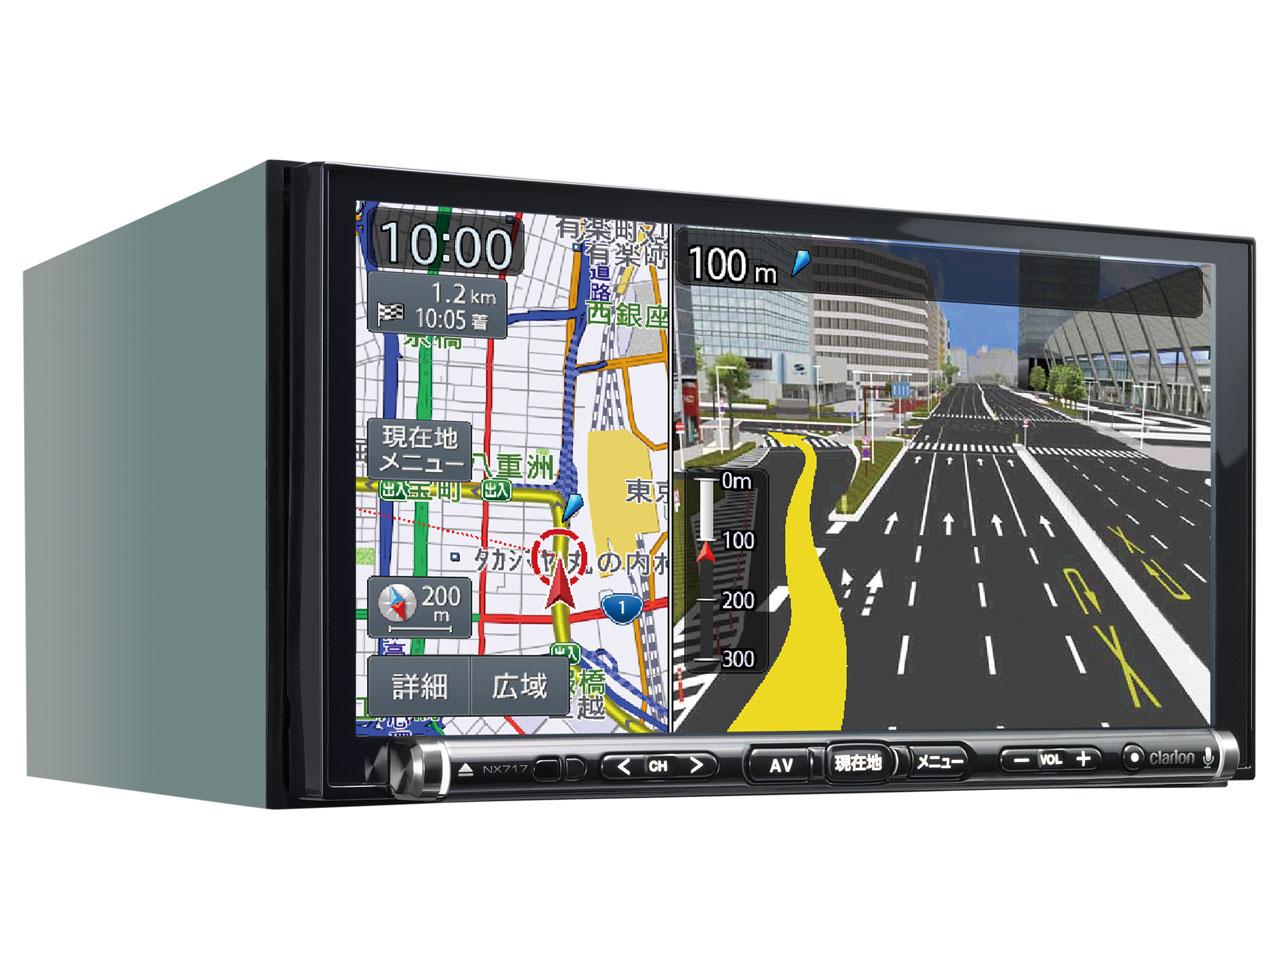 『本体 斜め2』 NXシリーズ NX717 の製品画像